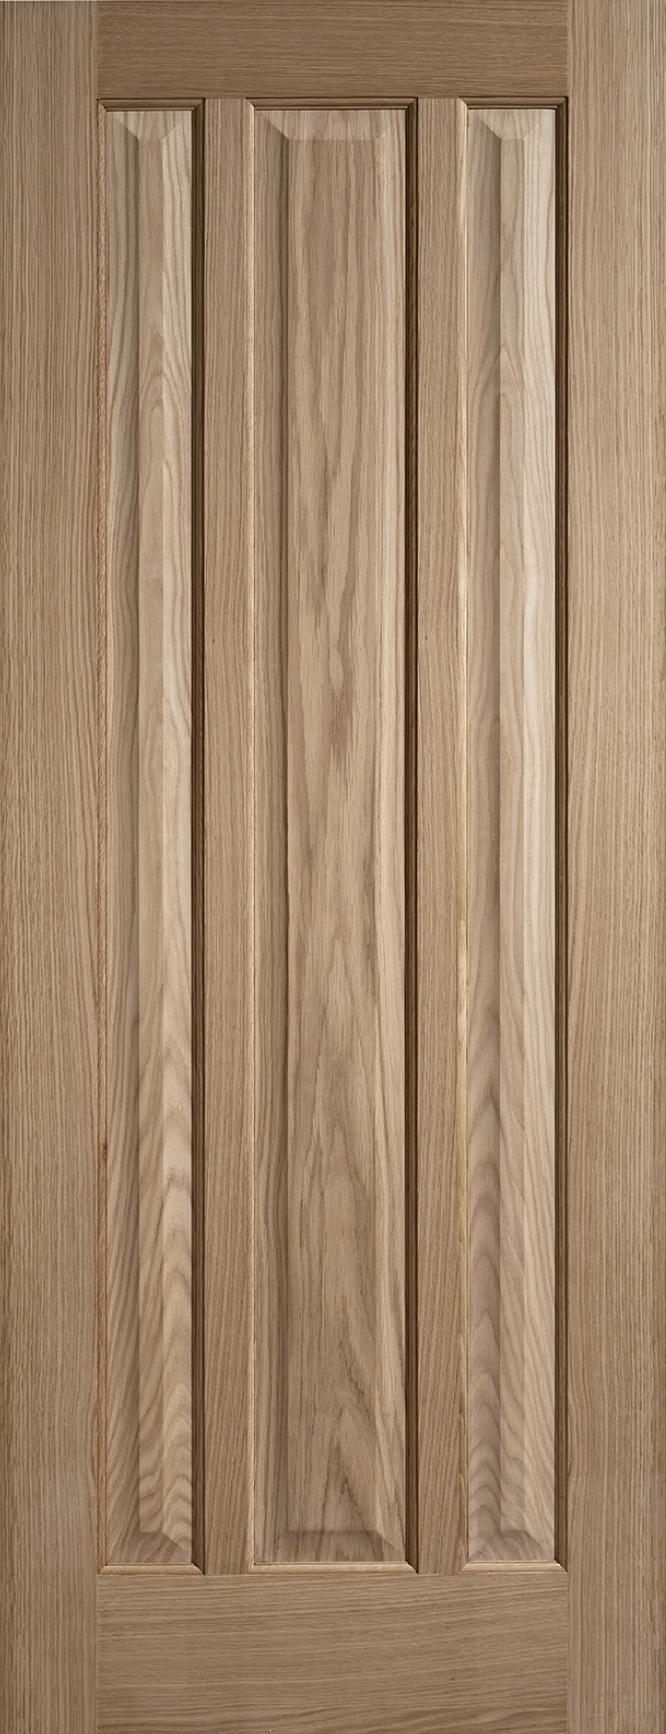 Kilburn Oak